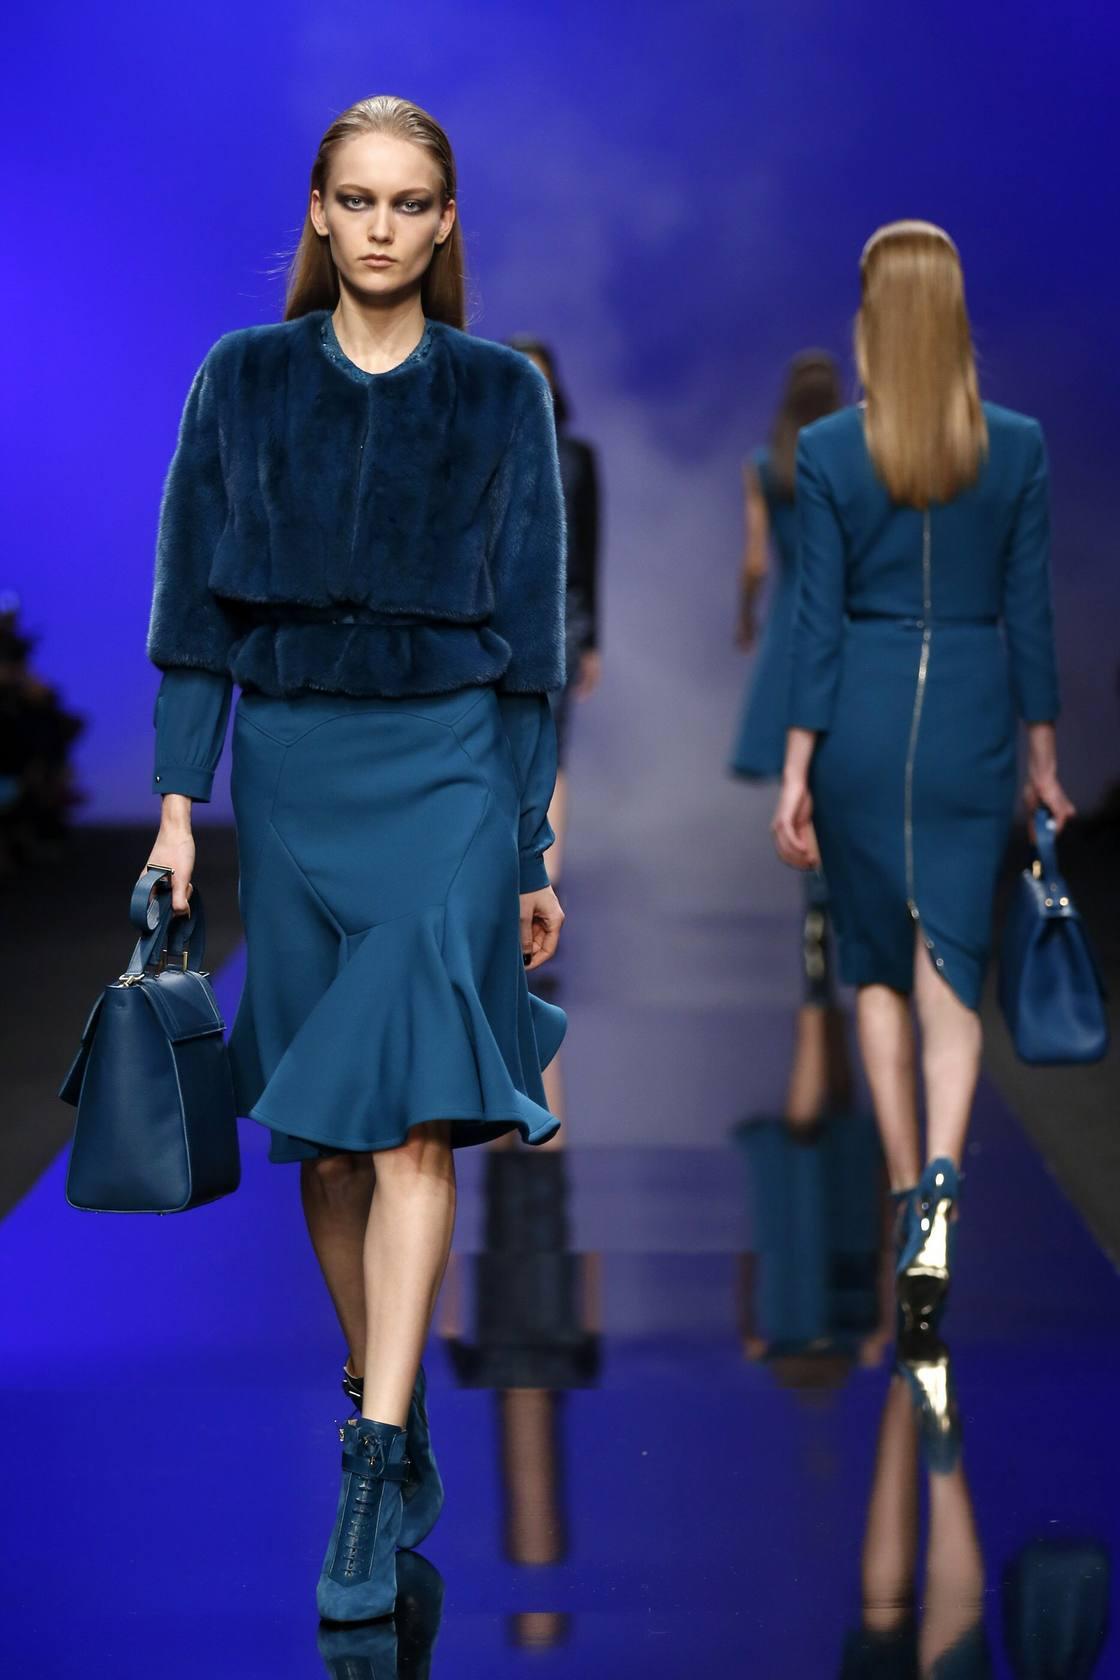 Última jornada de la Semana de la Moda de París